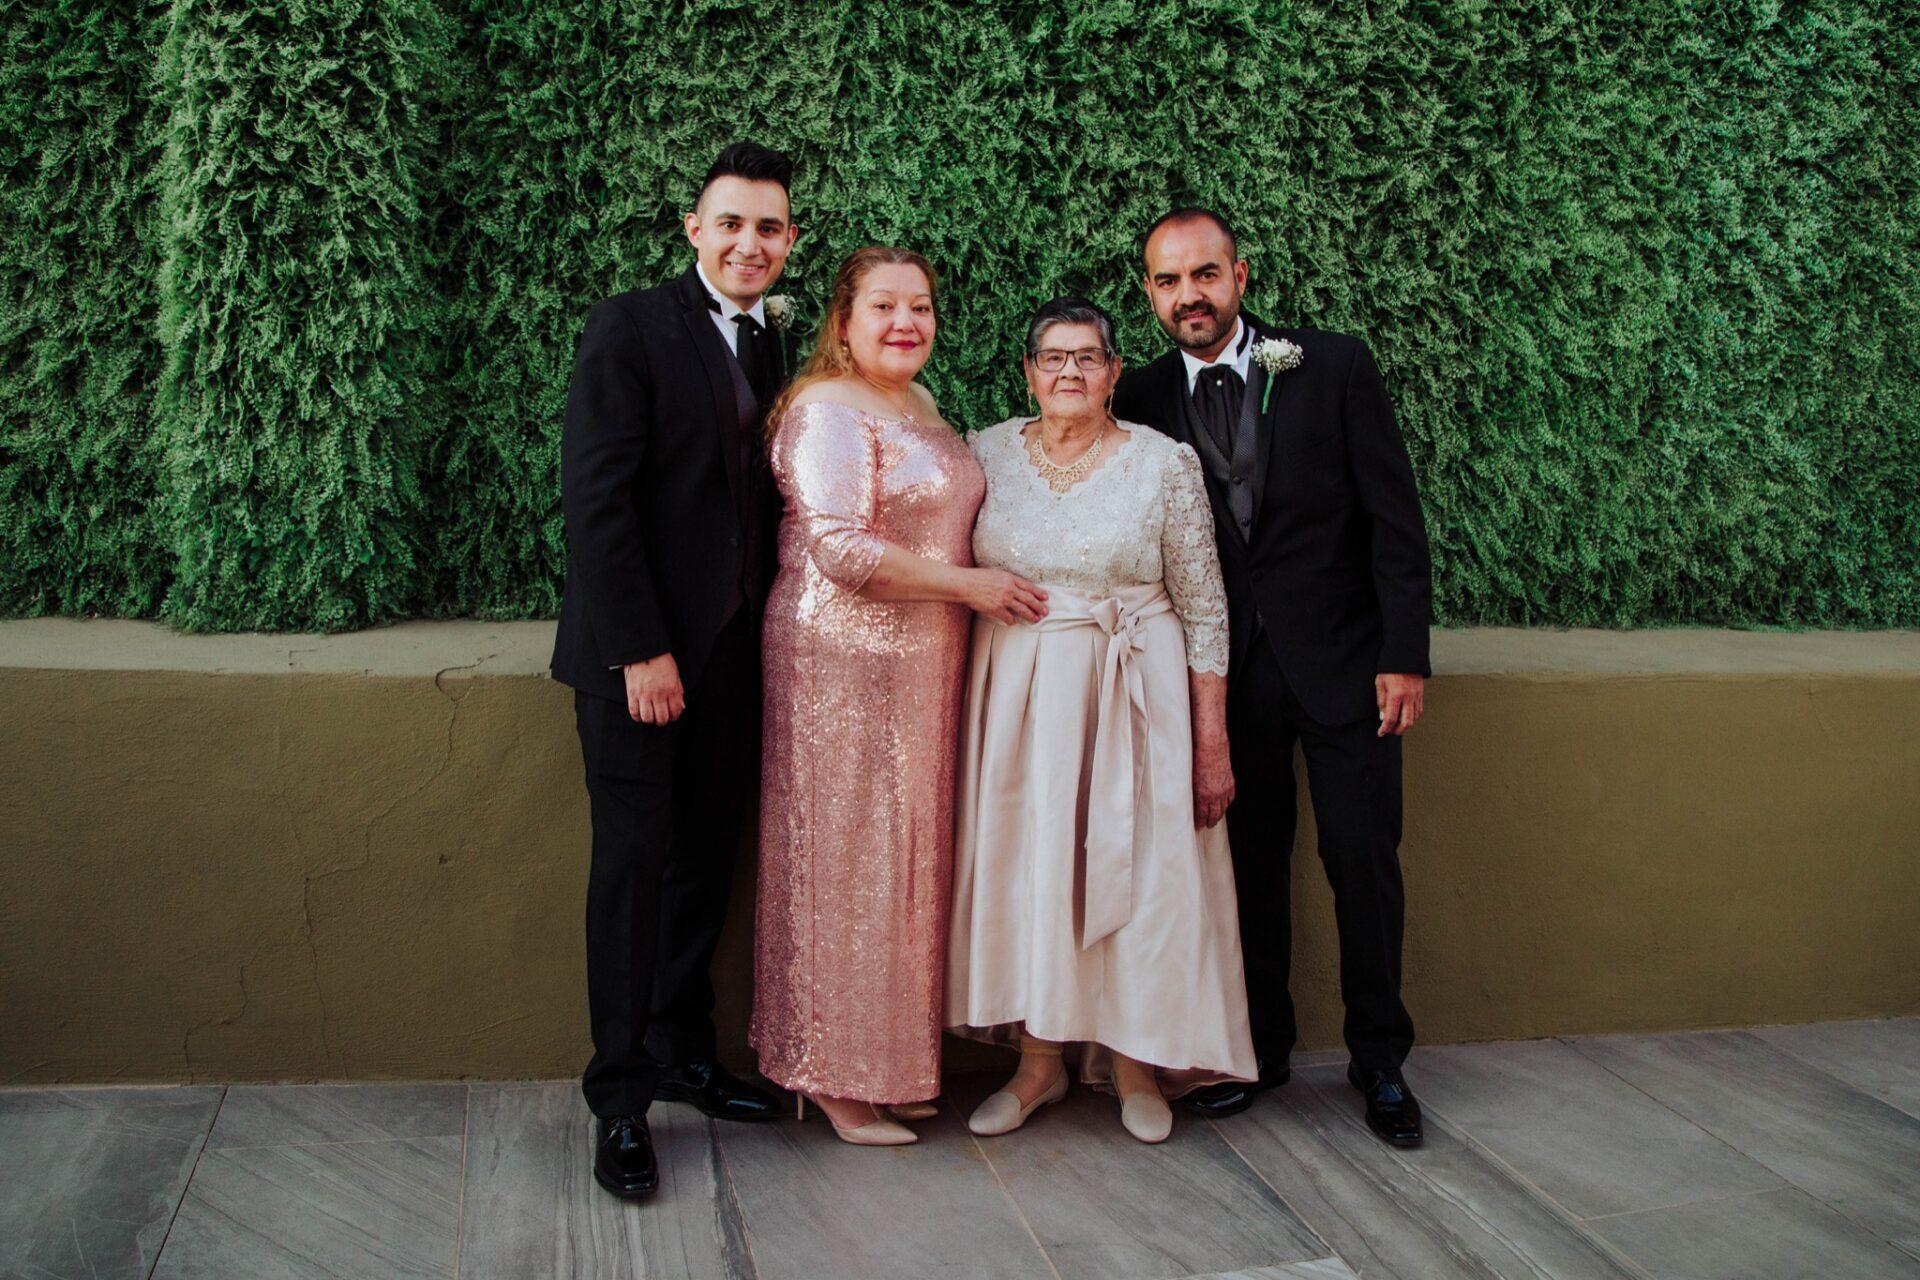 javier_noriega_fotografo_bodas_alicia_garden_zacatecas_wedding_photographer18